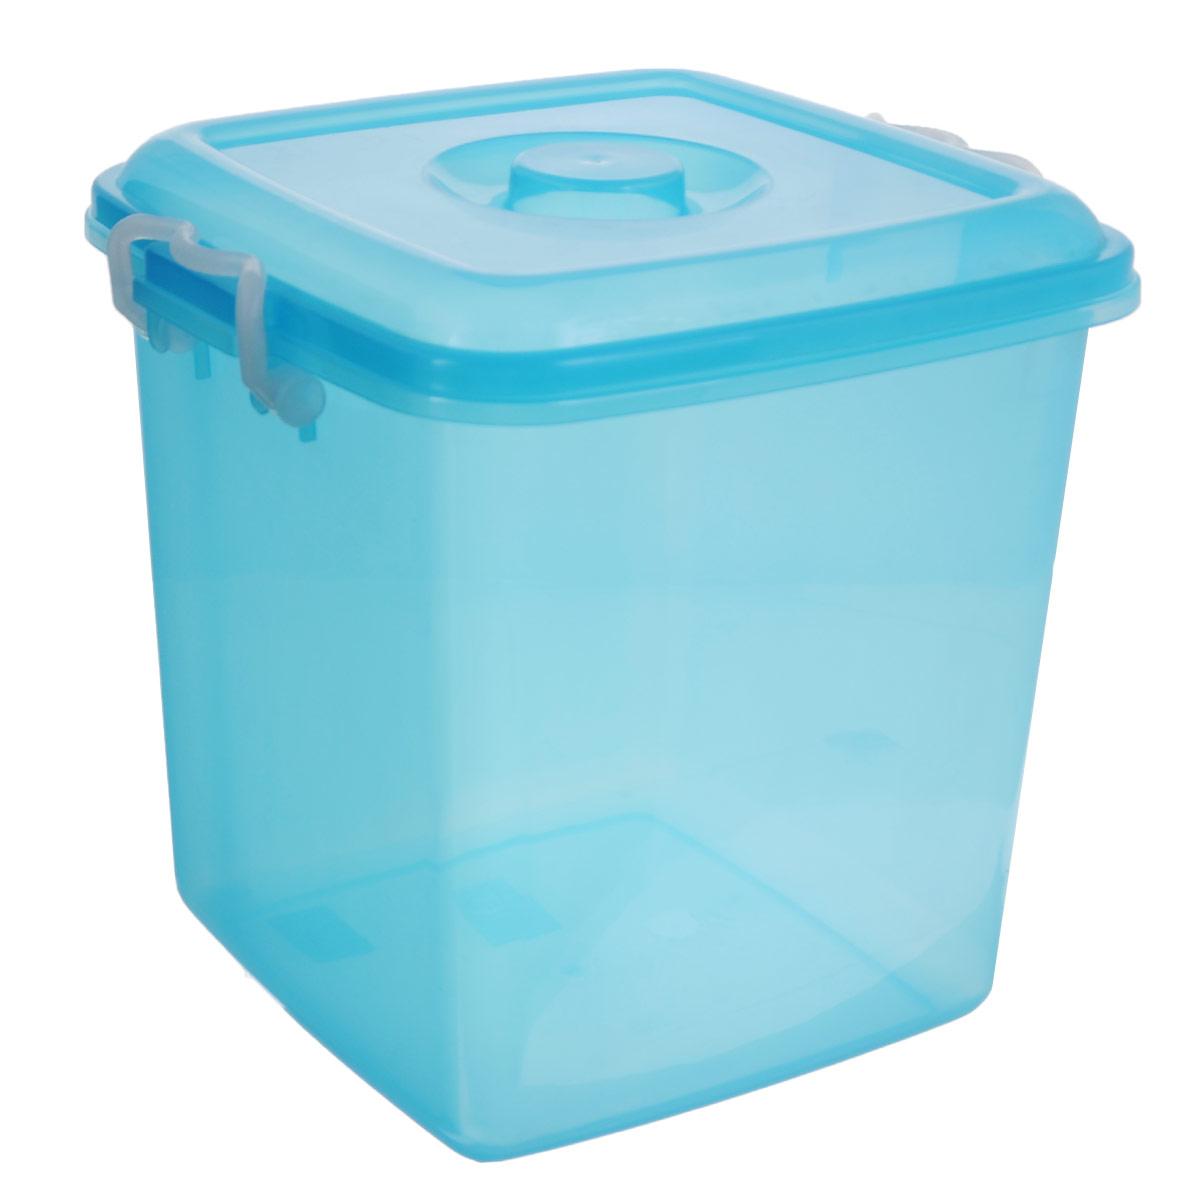 Контейнер для хранения Idea Океаник, цвет: голубой, 10 лS03301004Контейнер Idea Океаник выполнен из прочного пластика, предназначен для хранения различных бытовых предметов и мелочей.Контейнер снабжен эргономичной плотно закрывающейся крышкой со специальными боковыми фиксаторами.